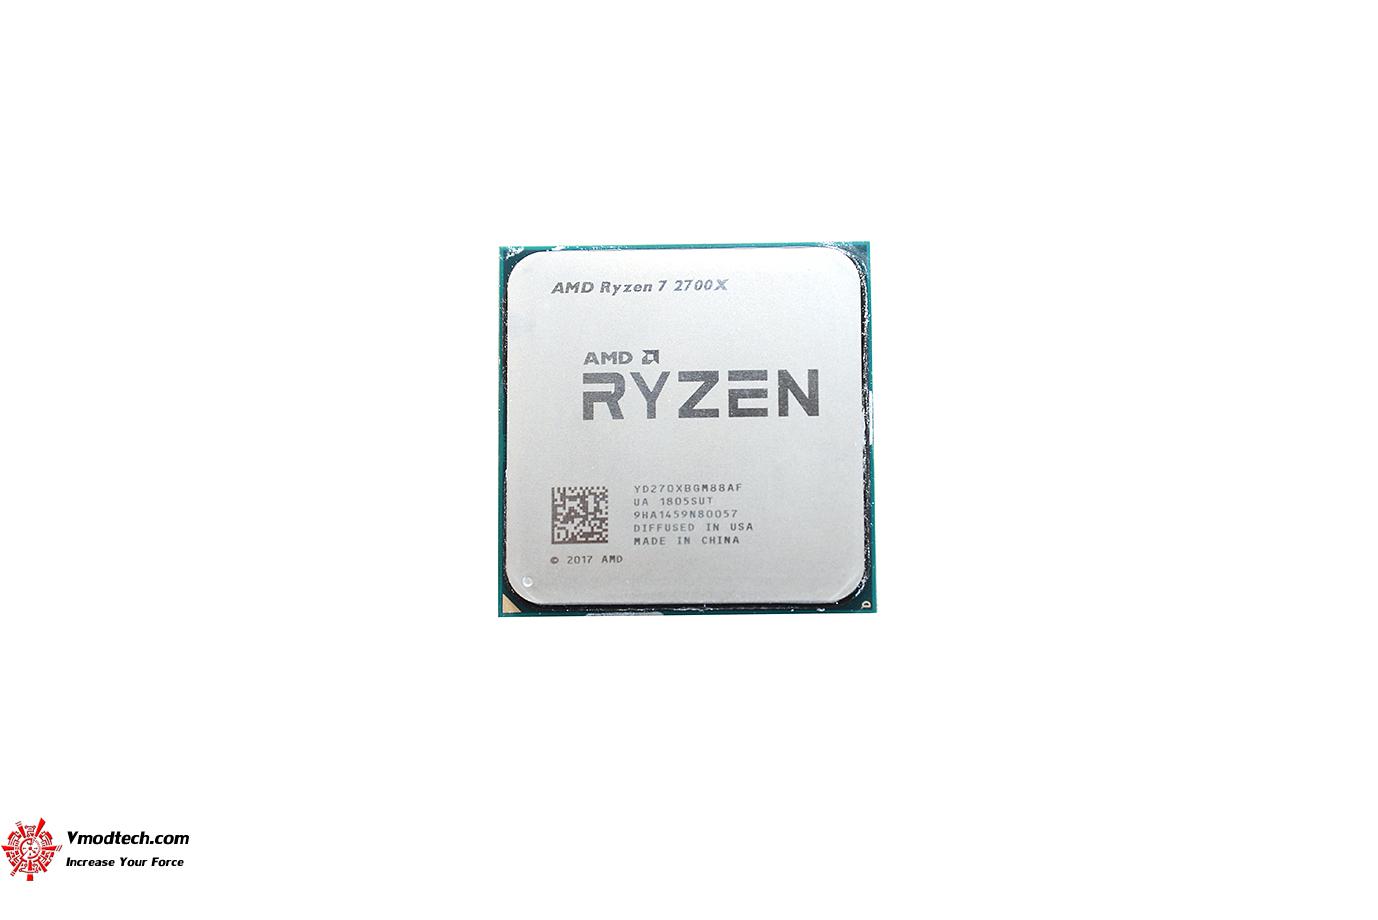 dsc 1038 AMD RYZEN 7 2700X PROCESSOR REVIEW